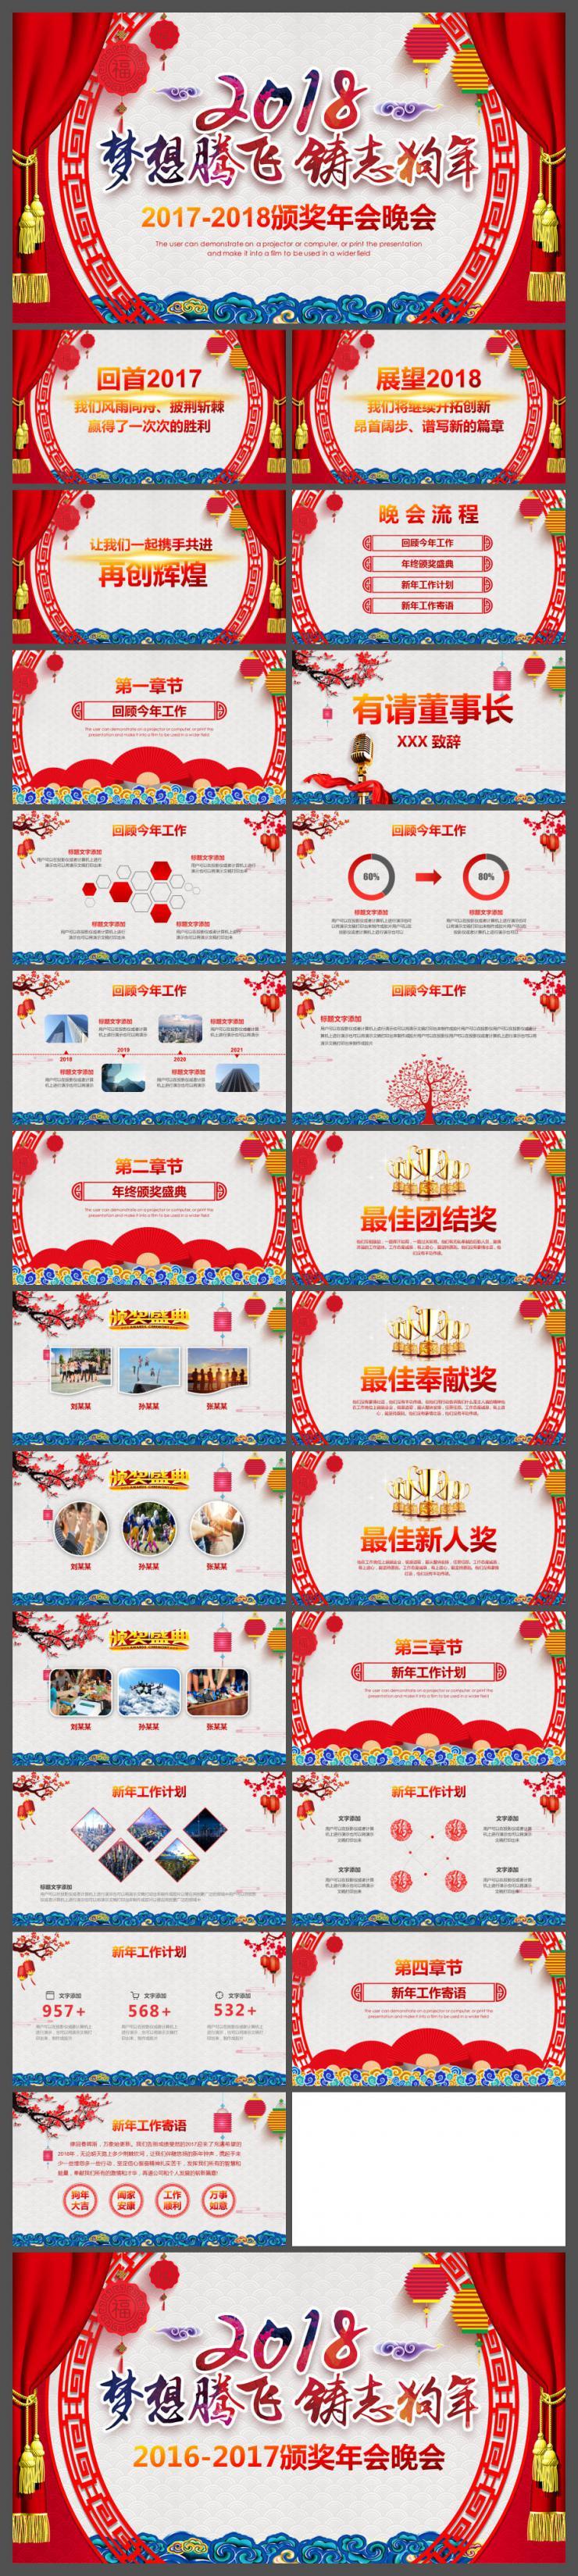 剪纸2018狗年中国风年终工作总结暨年会晚会颁奖盛典PPT模板